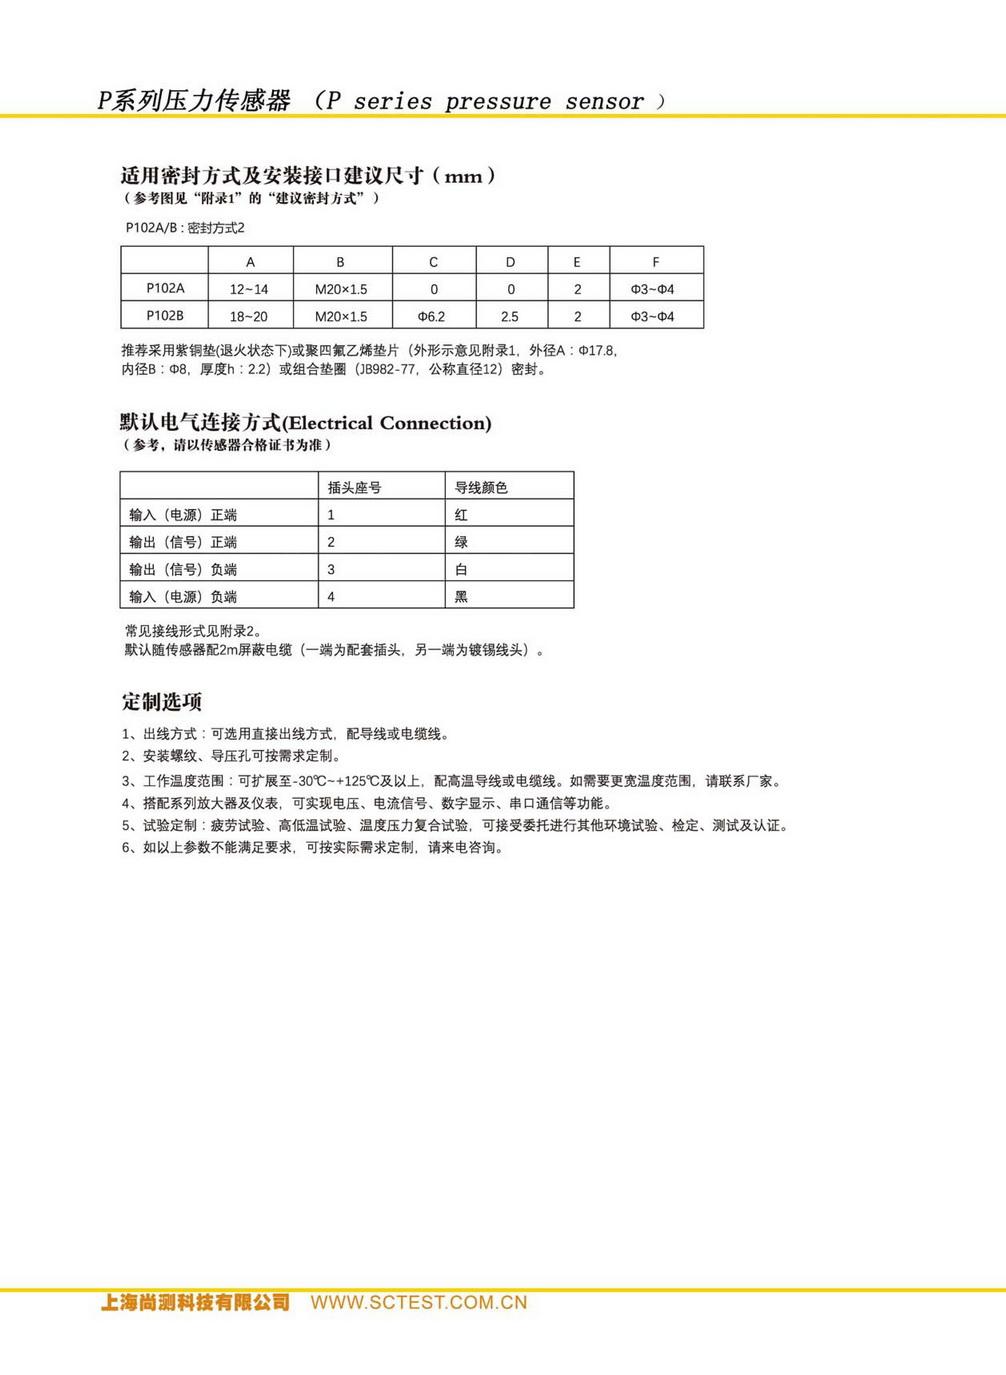 尚测科技产品选型手册 V1.3_页面_31_调整大小.jpg